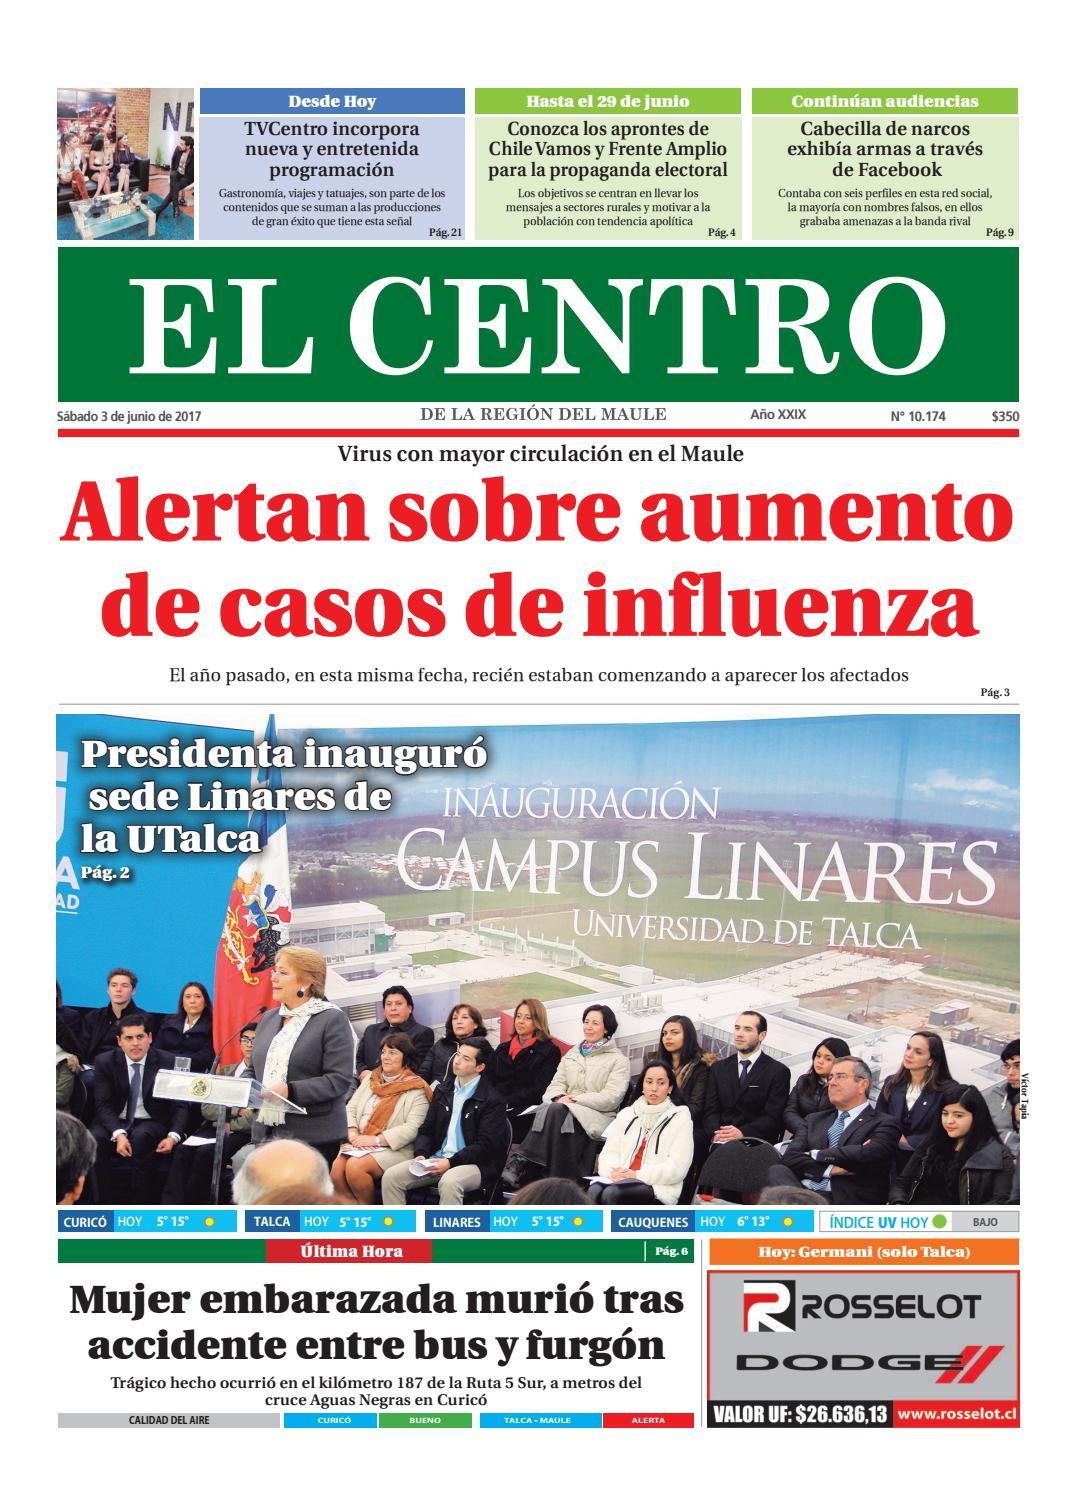 Diario 07 06 2017 by Diario El Centro S.A - issuu